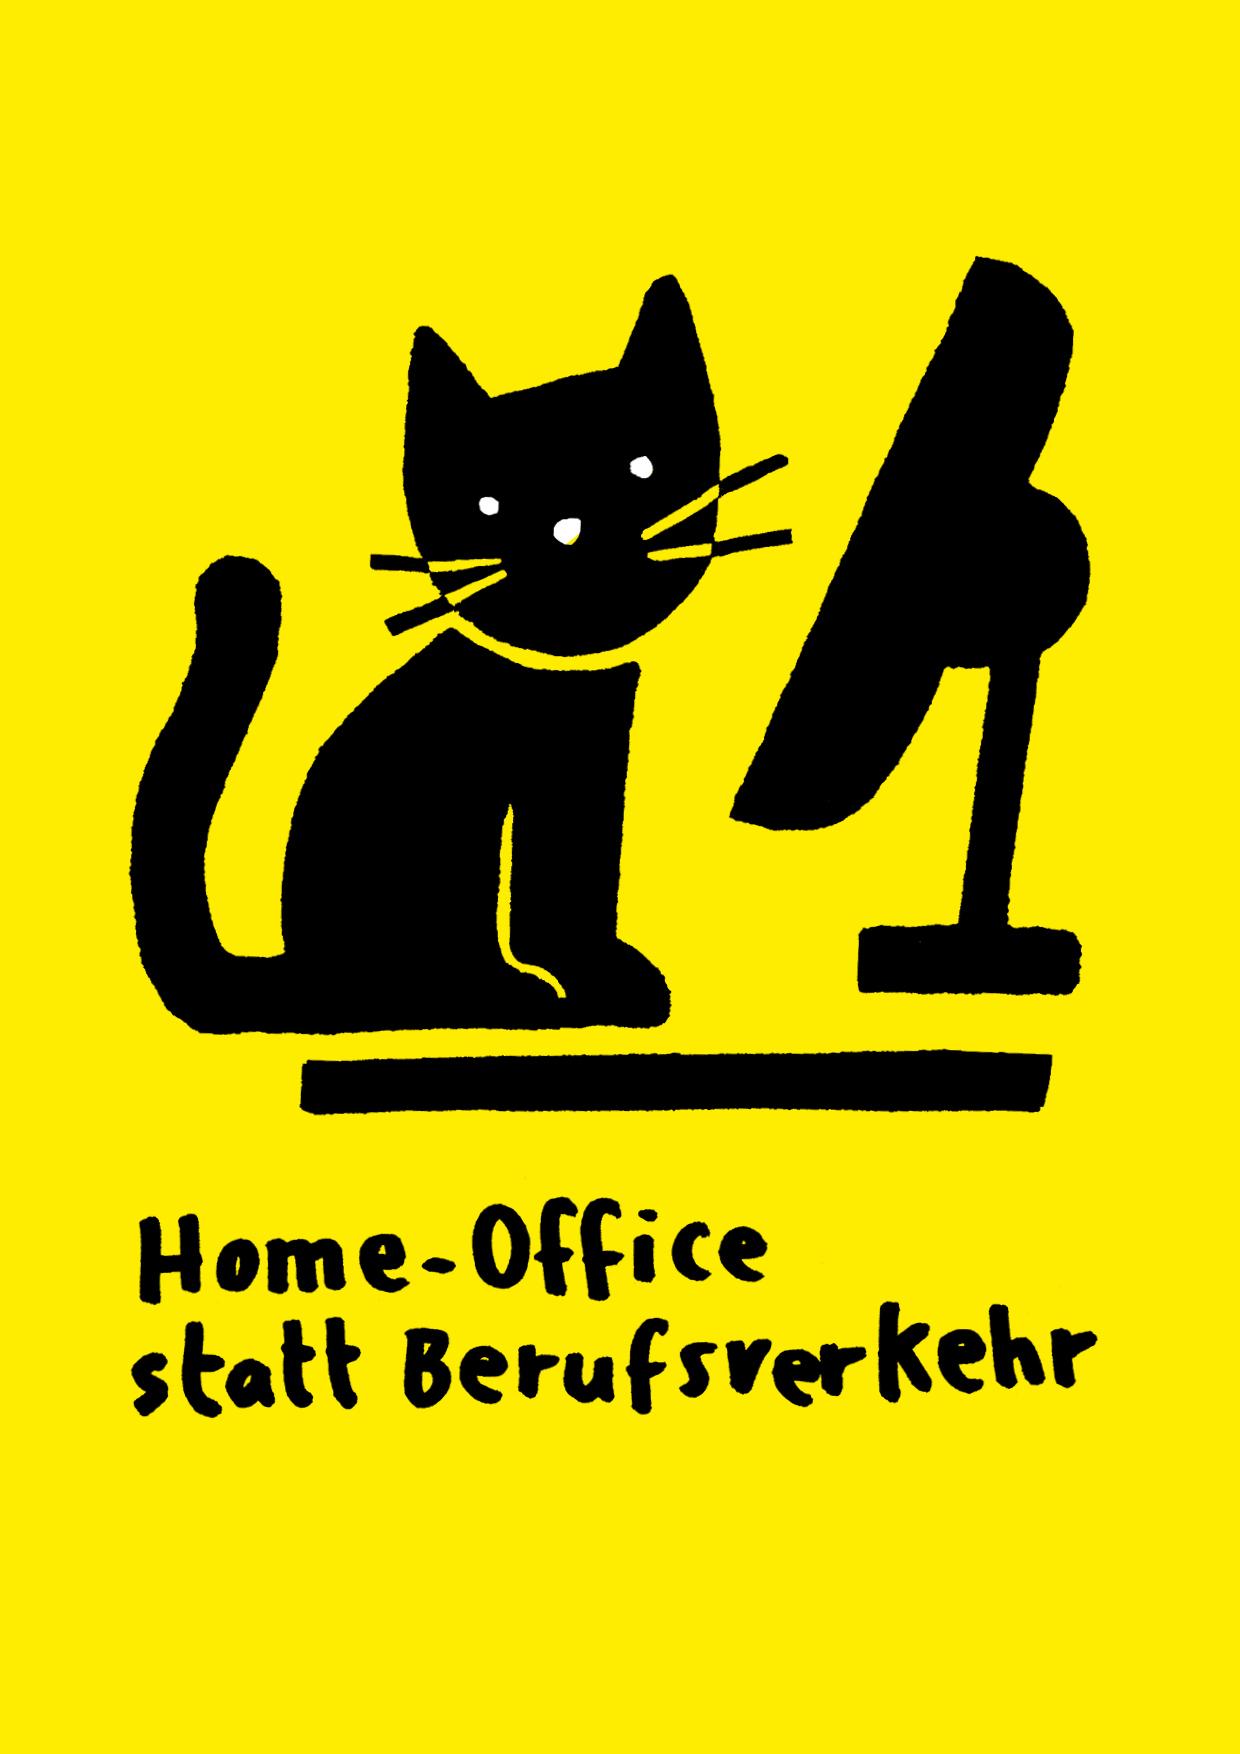 Scholz & Volkmer Kampagne Luft Wiesbaden